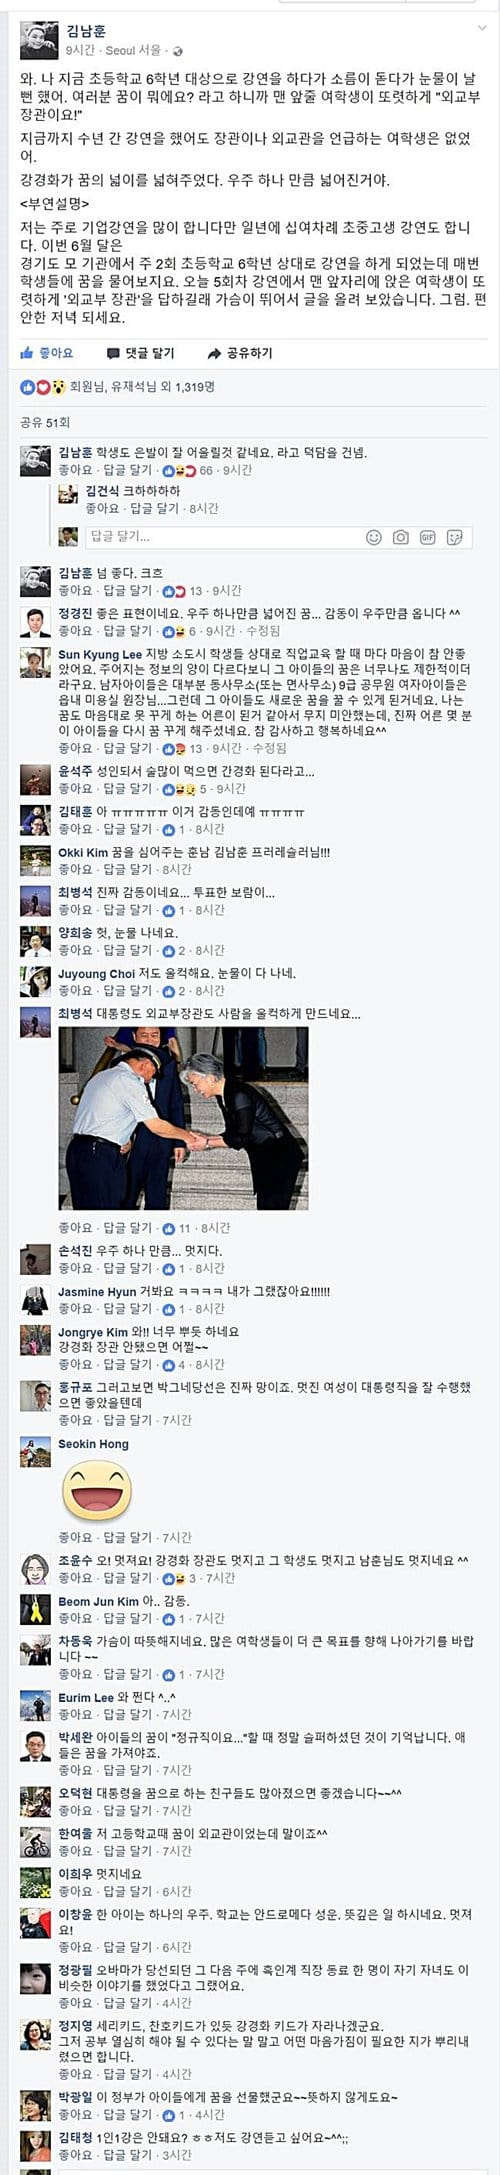 김남훈 강경화가 넓혀준 꿈2